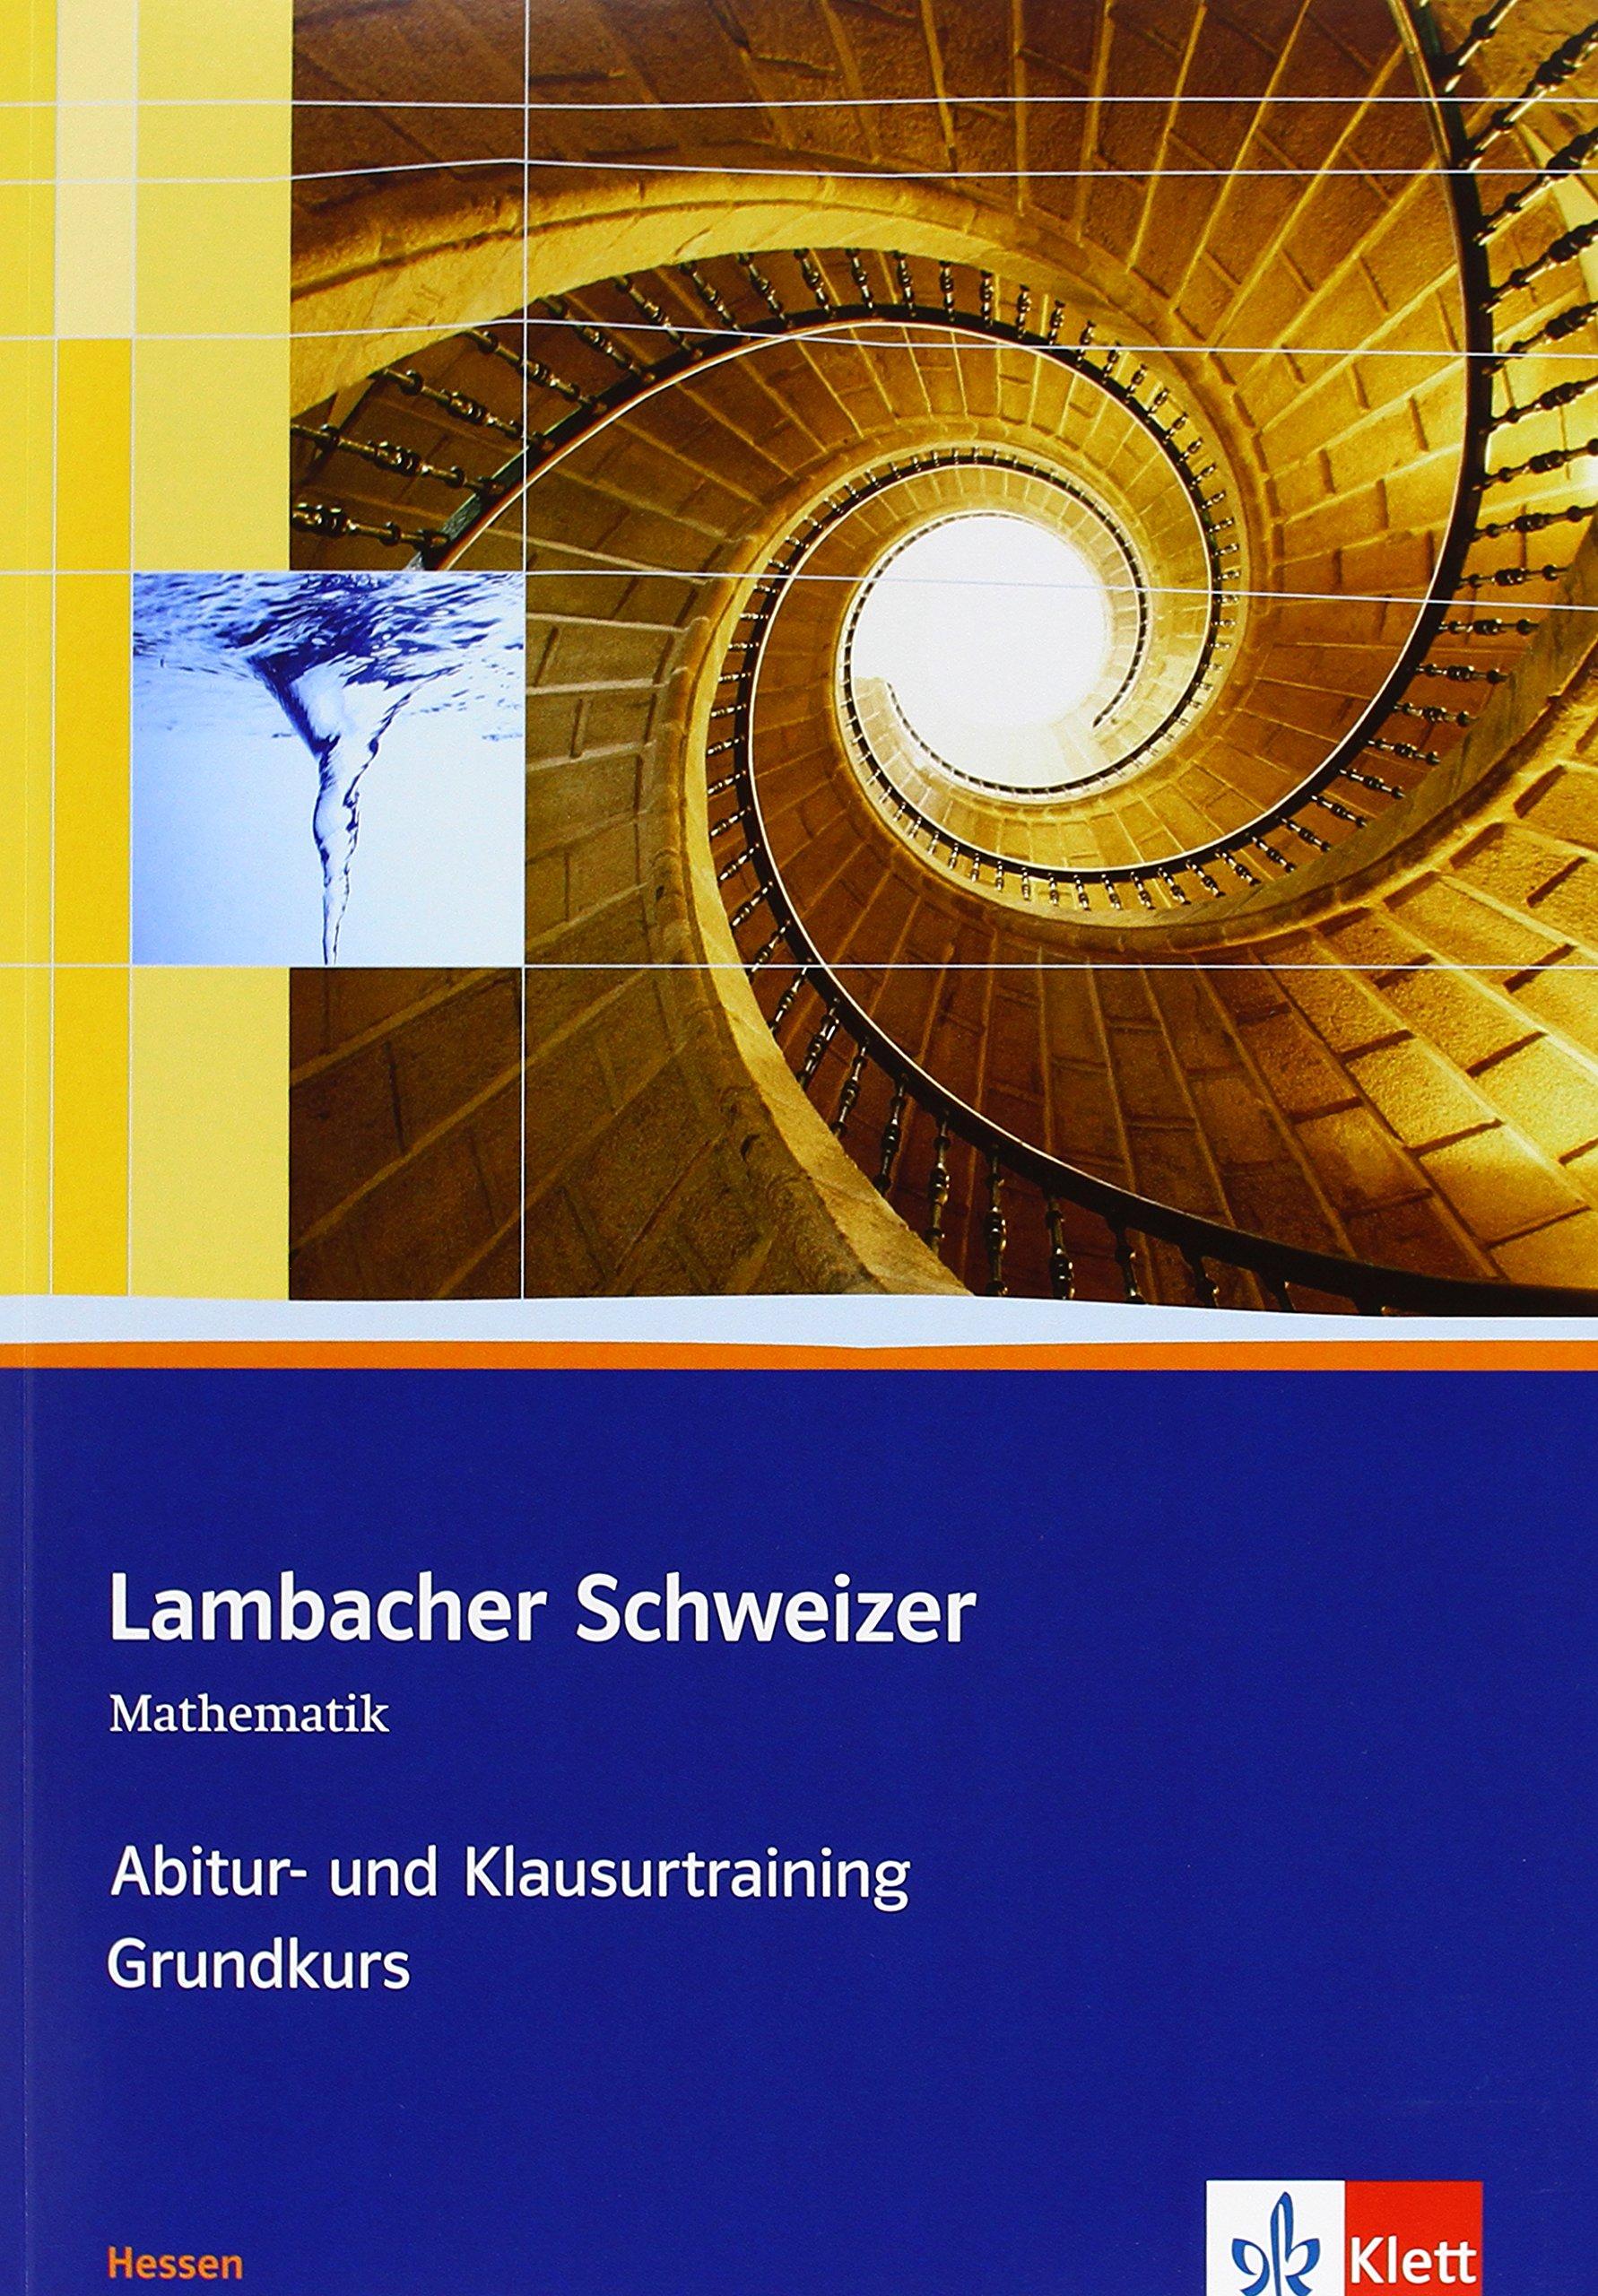 Lambacher Schweizer Mathematik Abitur- und Klausurtraining Qualifikationsphase Grundkurs. Ausgabe Hessen: Arbeitsheft plus Lösungen Klassen 11/12 oder ... Schweizer Abitur- und Klausurtraining)